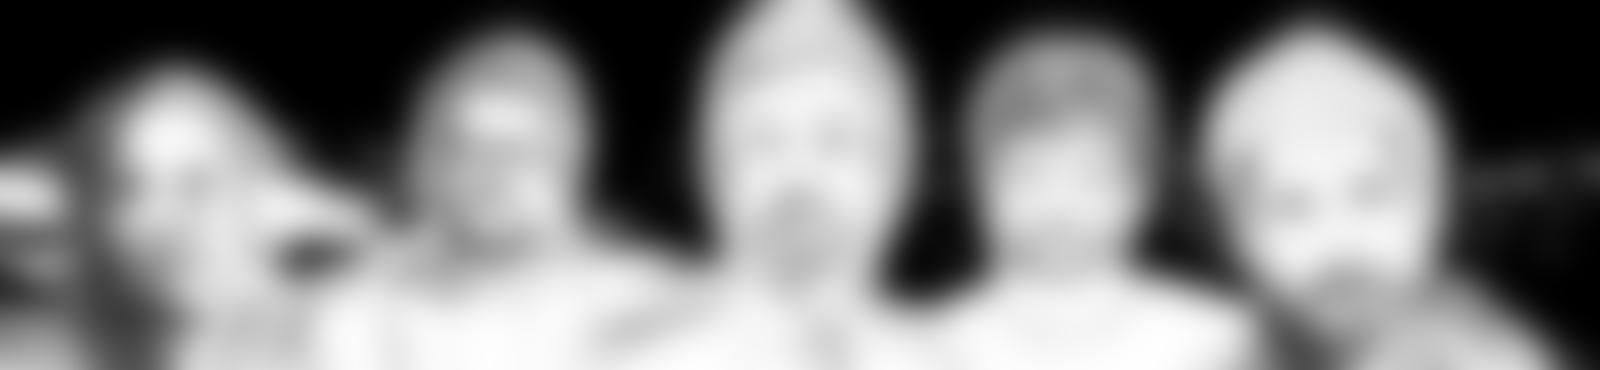 Blurred 30ed8809 33ce 445d b9f2 f2861dfe219c